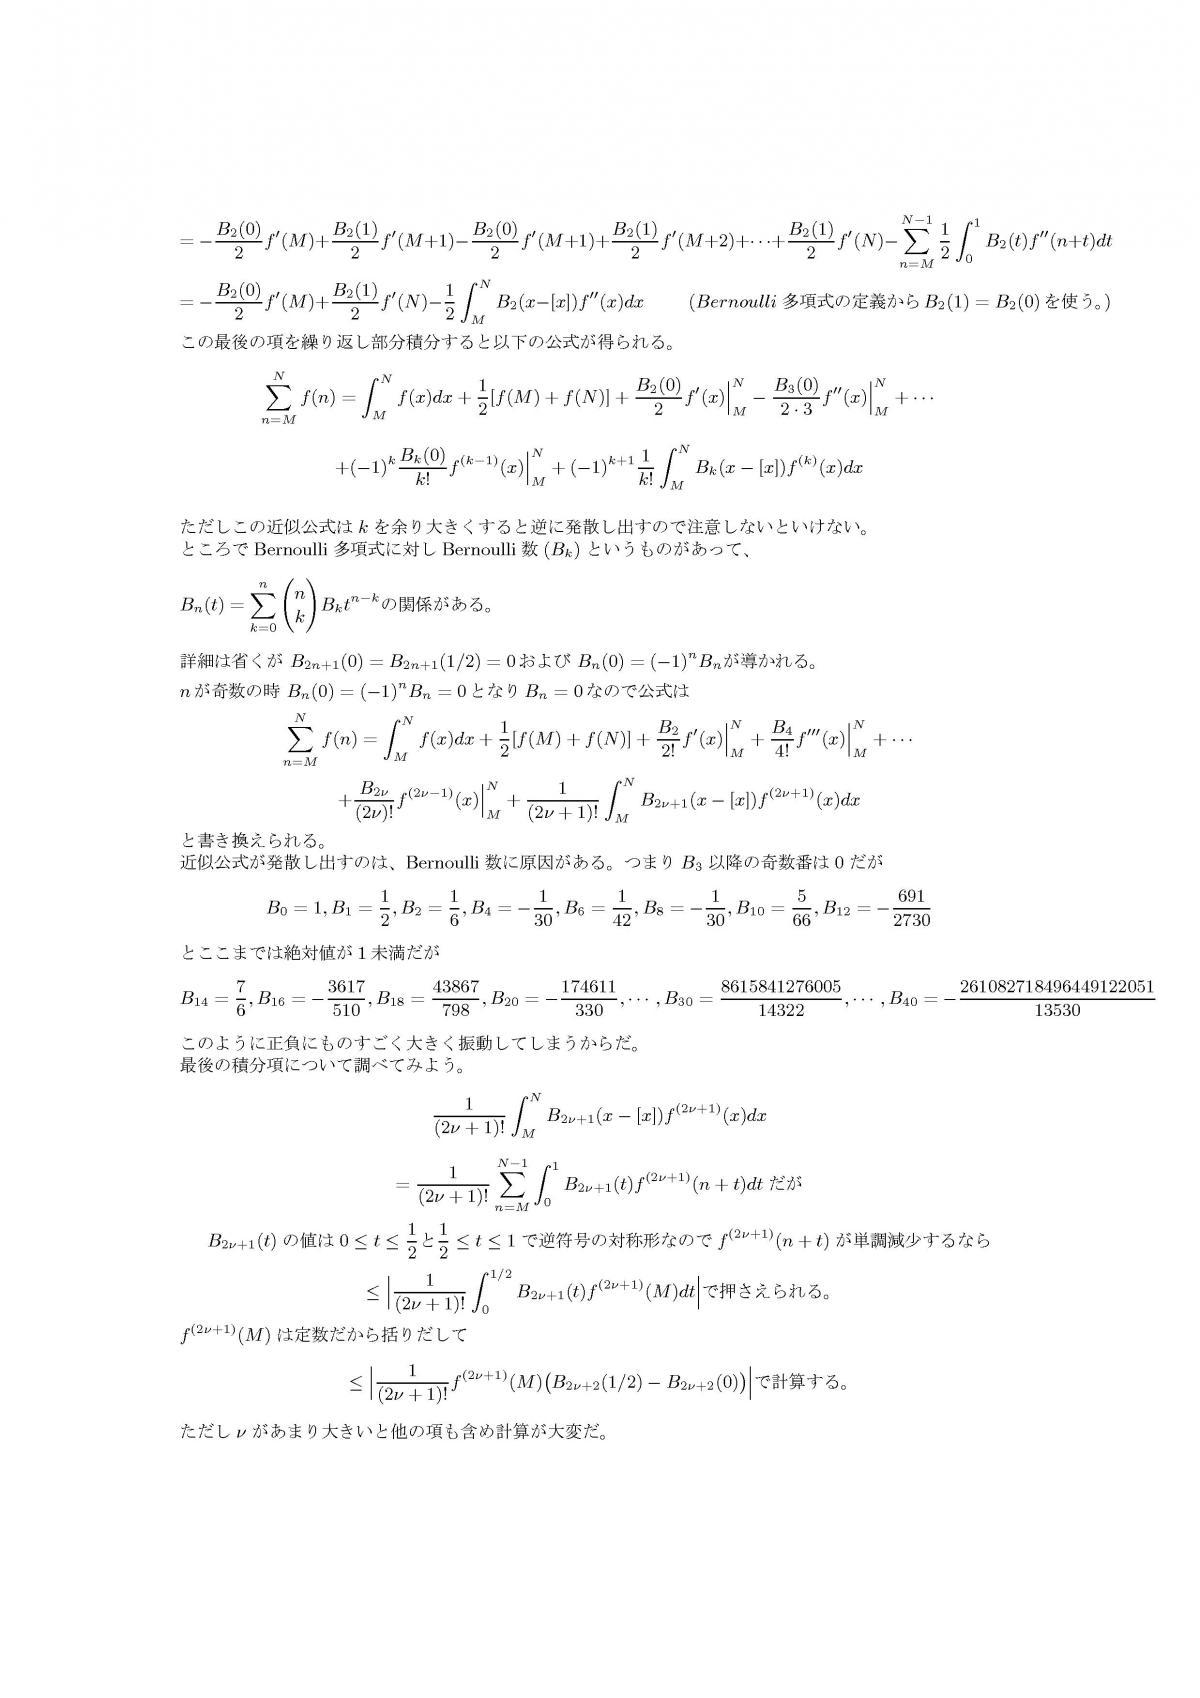 オイラーマクローリン総和法2